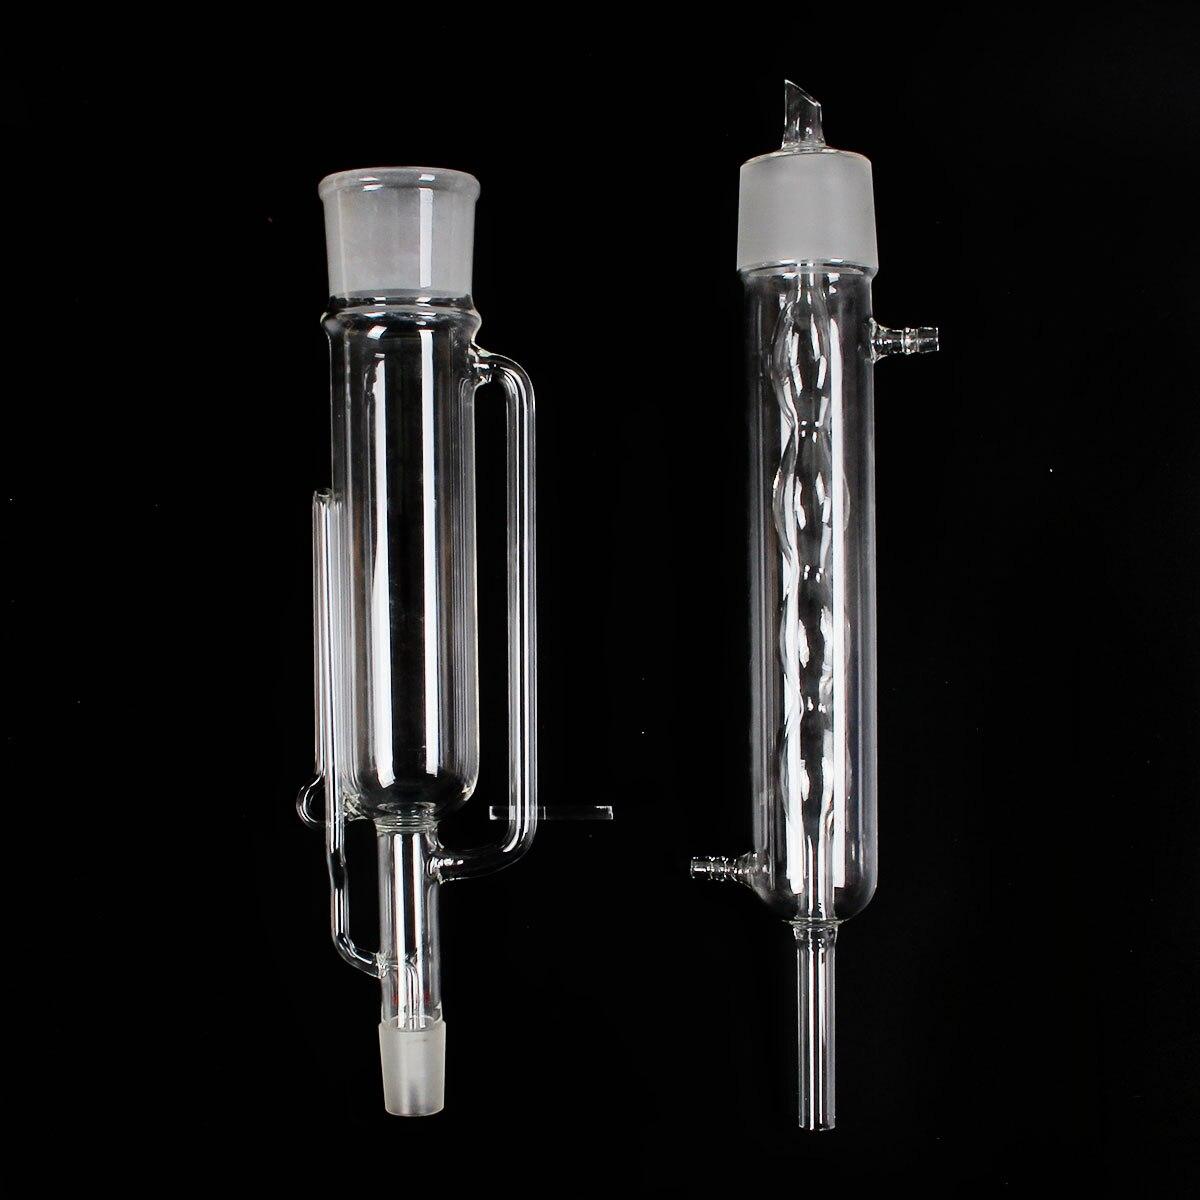 500 ml 24/29 Vetro Estrattore Soxhlet Allihn Condensatore Corpo Kit Vetreria di Laboratorio Vetreria Set Forniture Trasparente